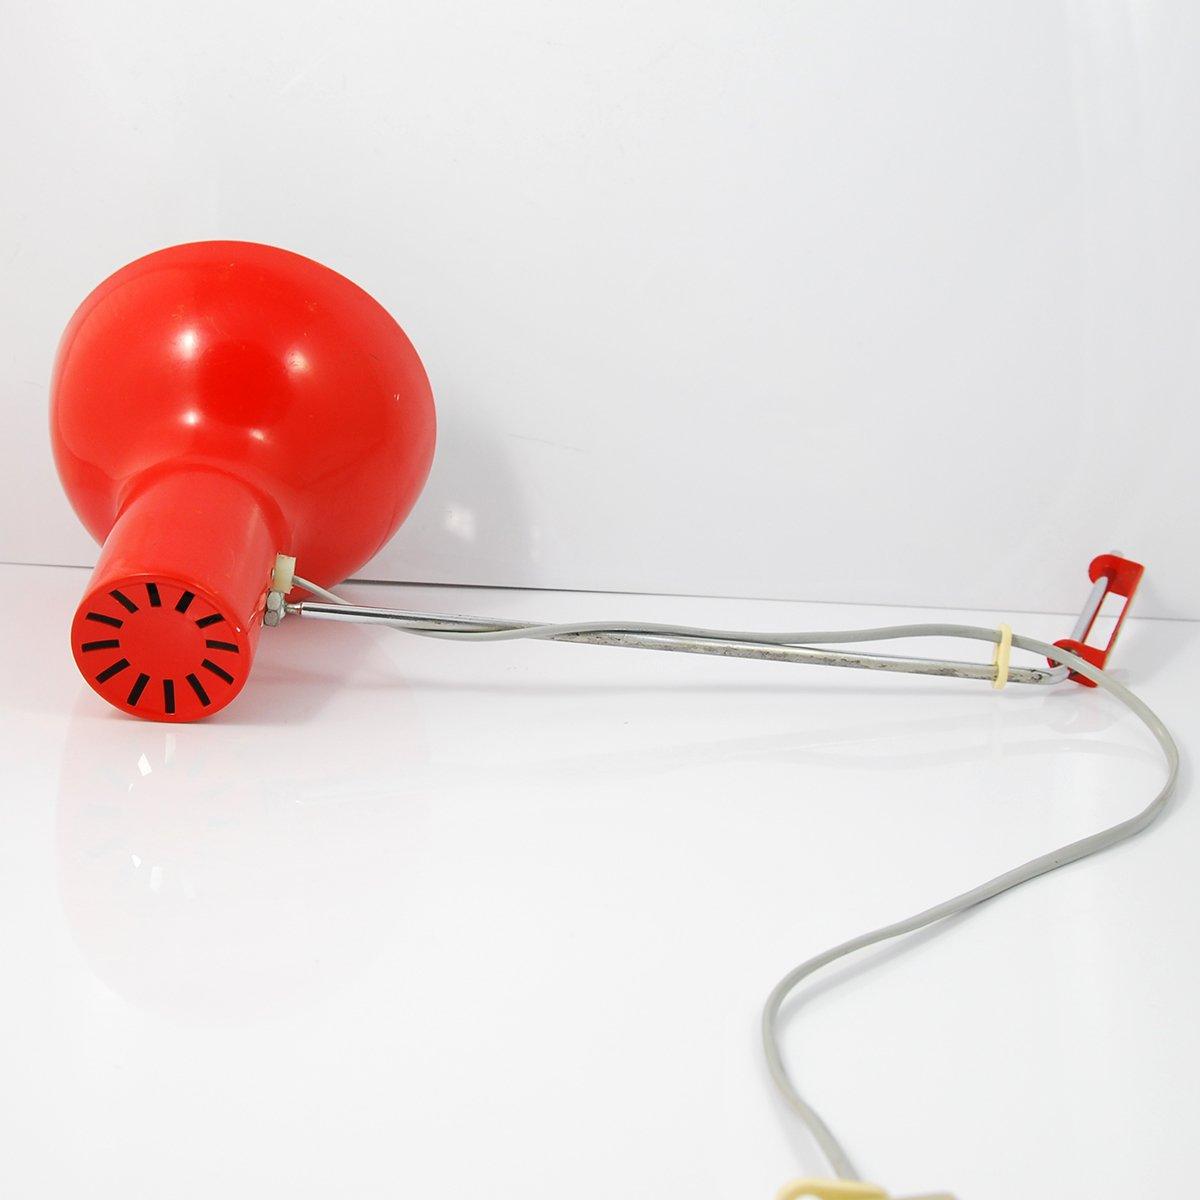 tschechoslowakische industrie wandlampe von j hurka f r napako 1970er bei pamono kaufen. Black Bedroom Furniture Sets. Home Design Ideas